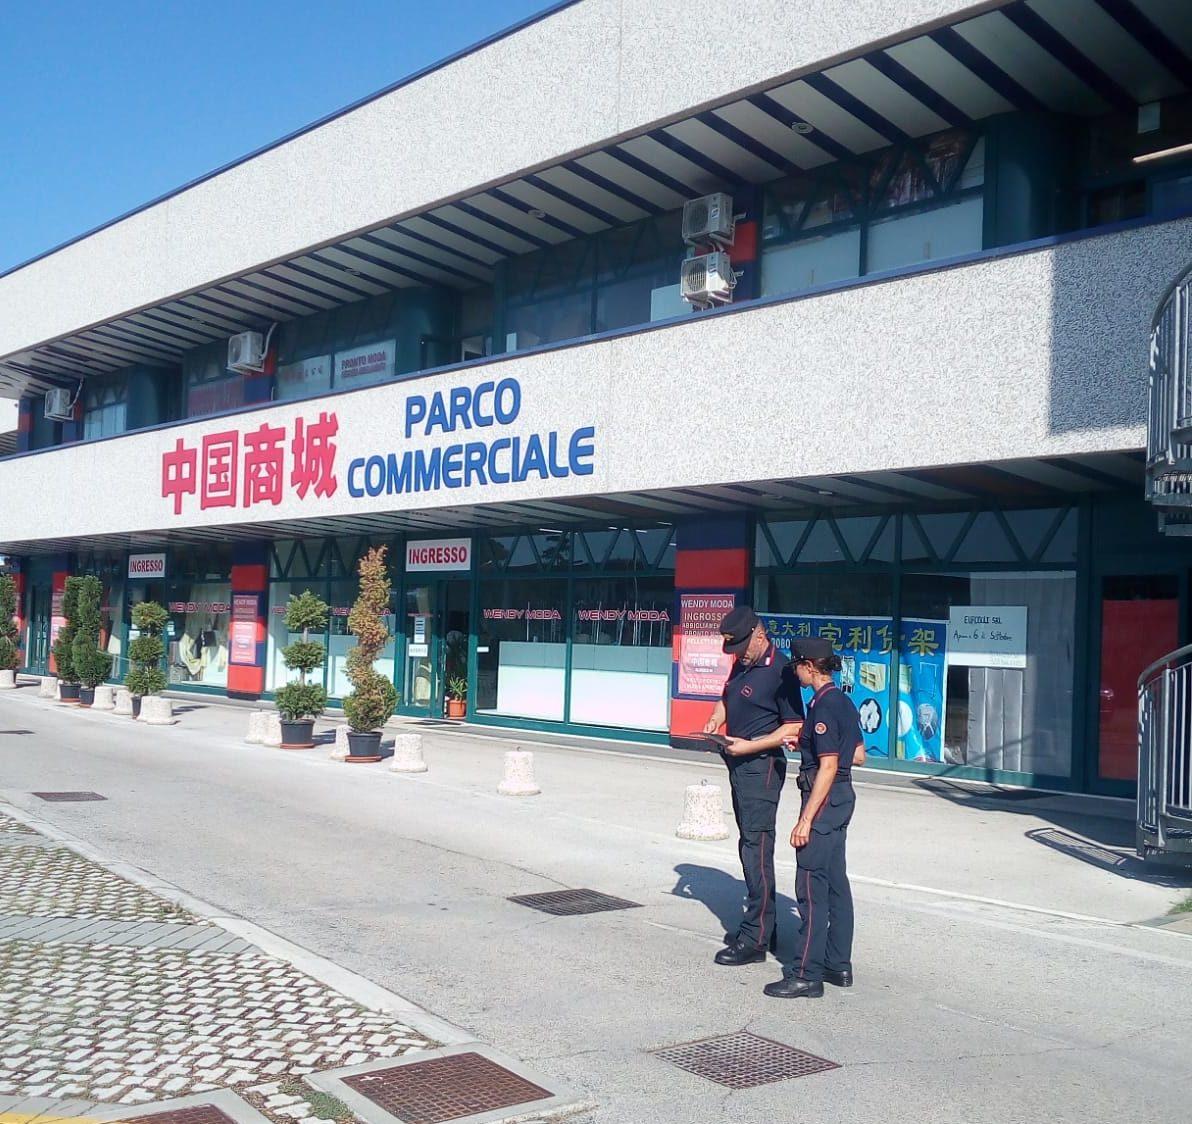 centro-commerciale-cinese-civitanova-via-silvio-pellico-2-e1596130559684